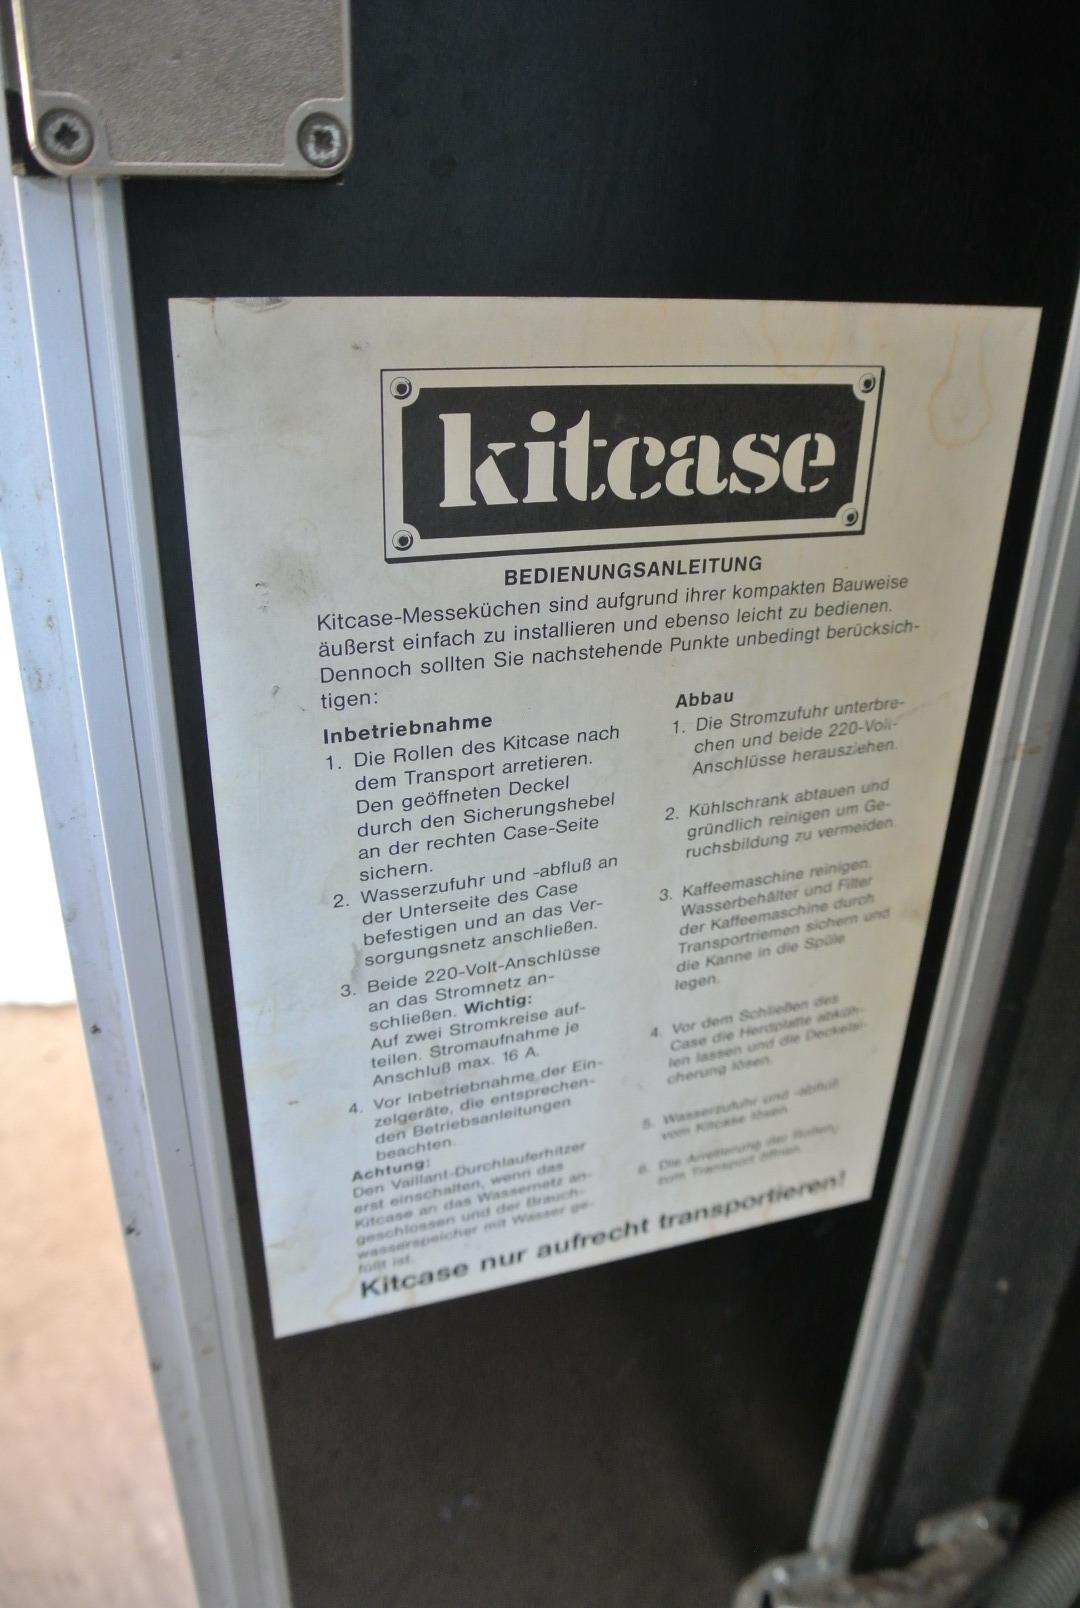 Full Size of Kitcase Gebraucht Kchencase Mobile Kche 450 Eur Gebrauchte Küche Kaufen Verkaufen Gebrauchtwagen Bad Kreuznach Betten Chesterfield Sofa Einbauküche Wohnzimmer Kitcase Gebraucht